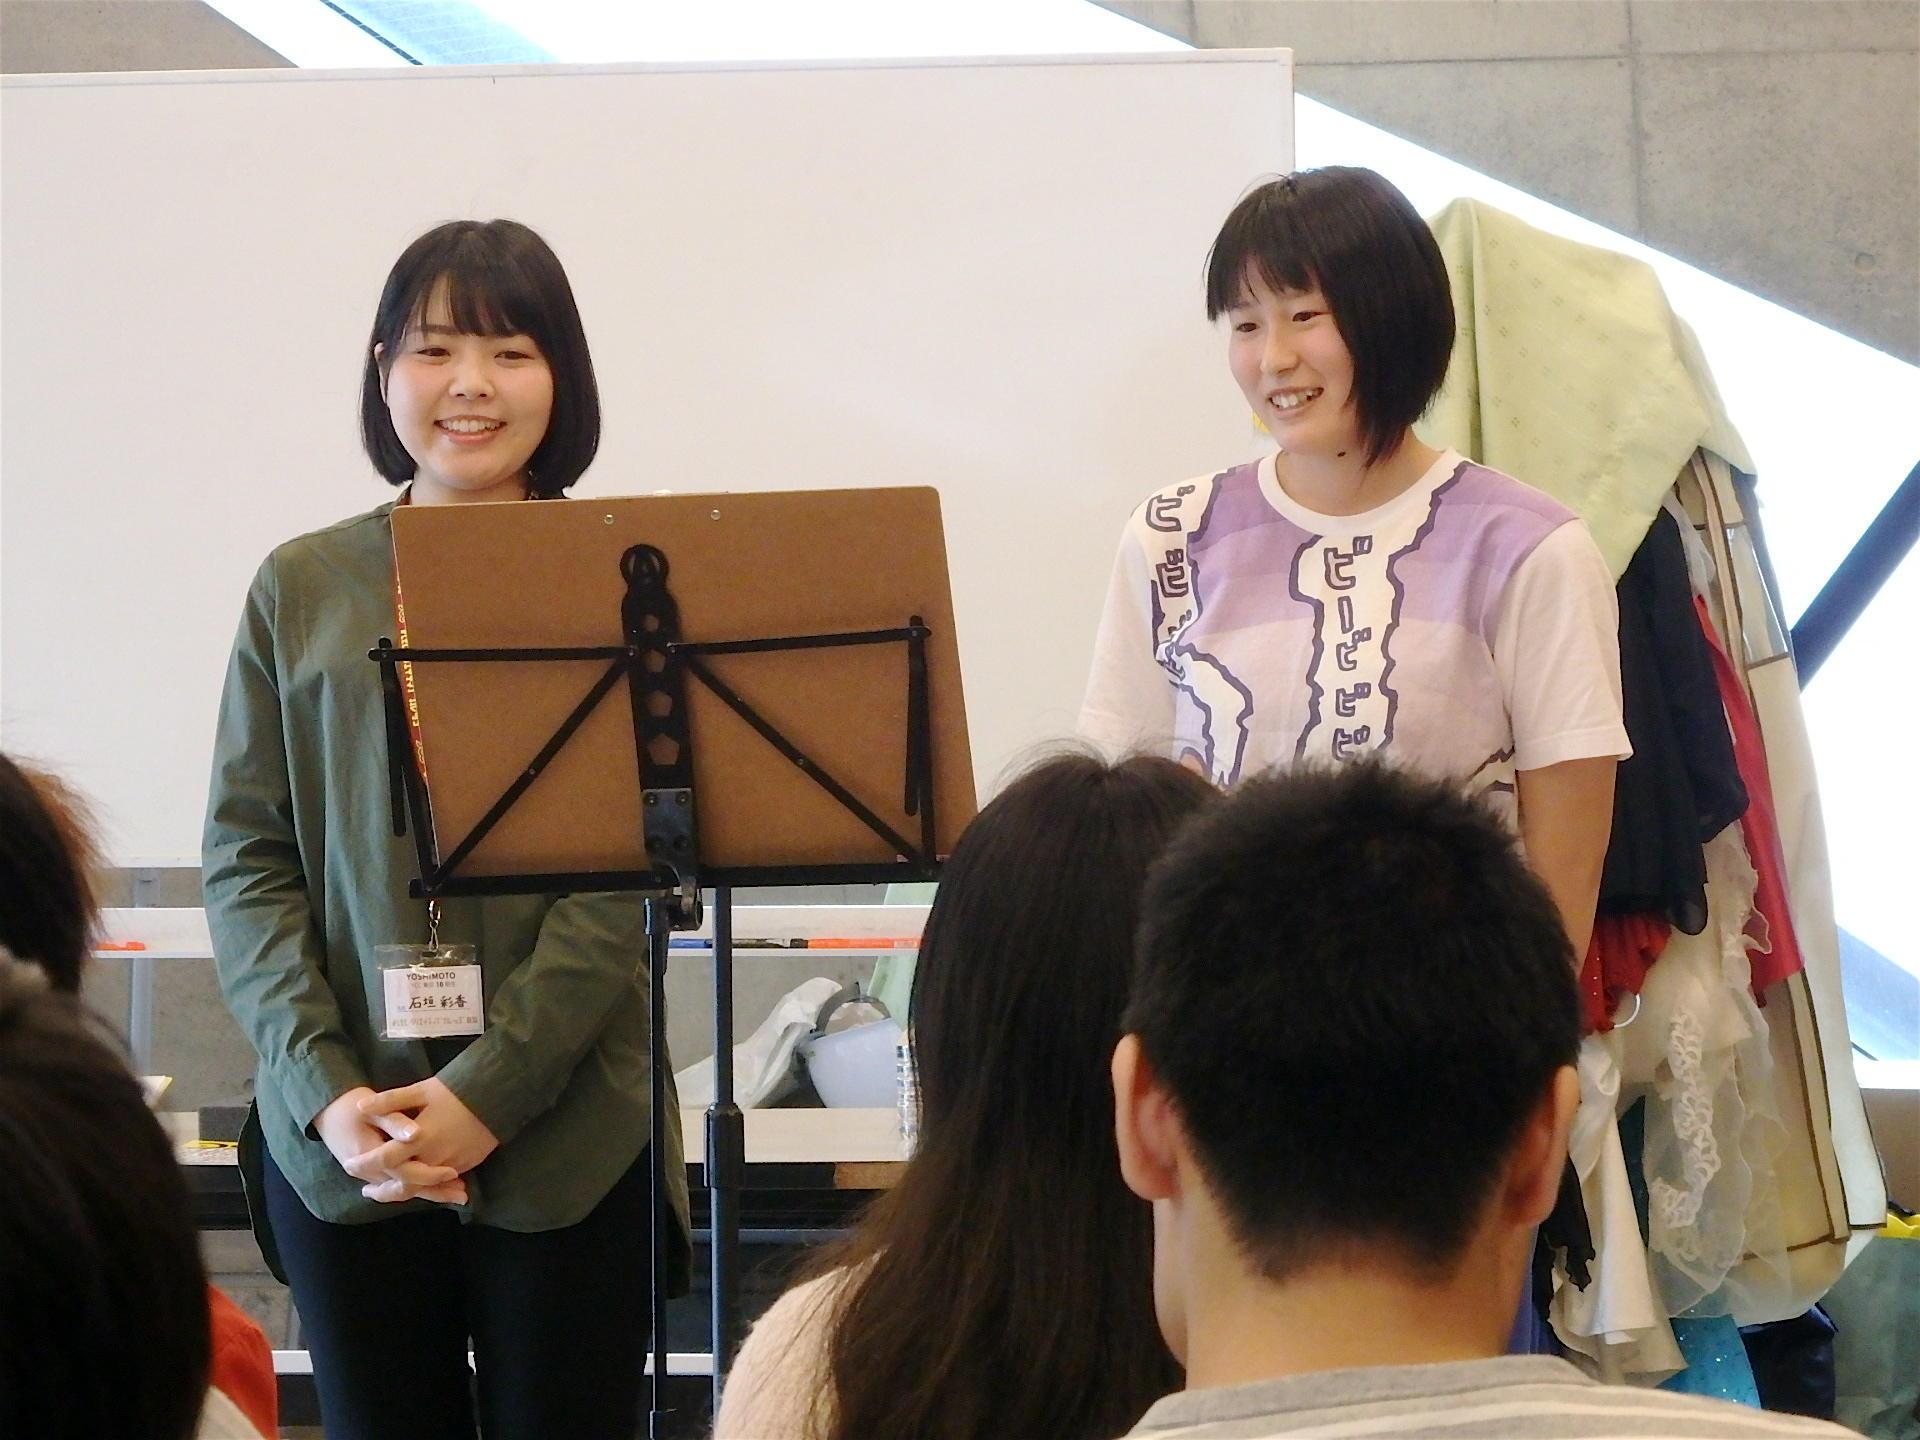 http://news.yoshimoto.co.jp/20160501000302-463b87416183dd31ac8685068a184cedab53320c.jpg